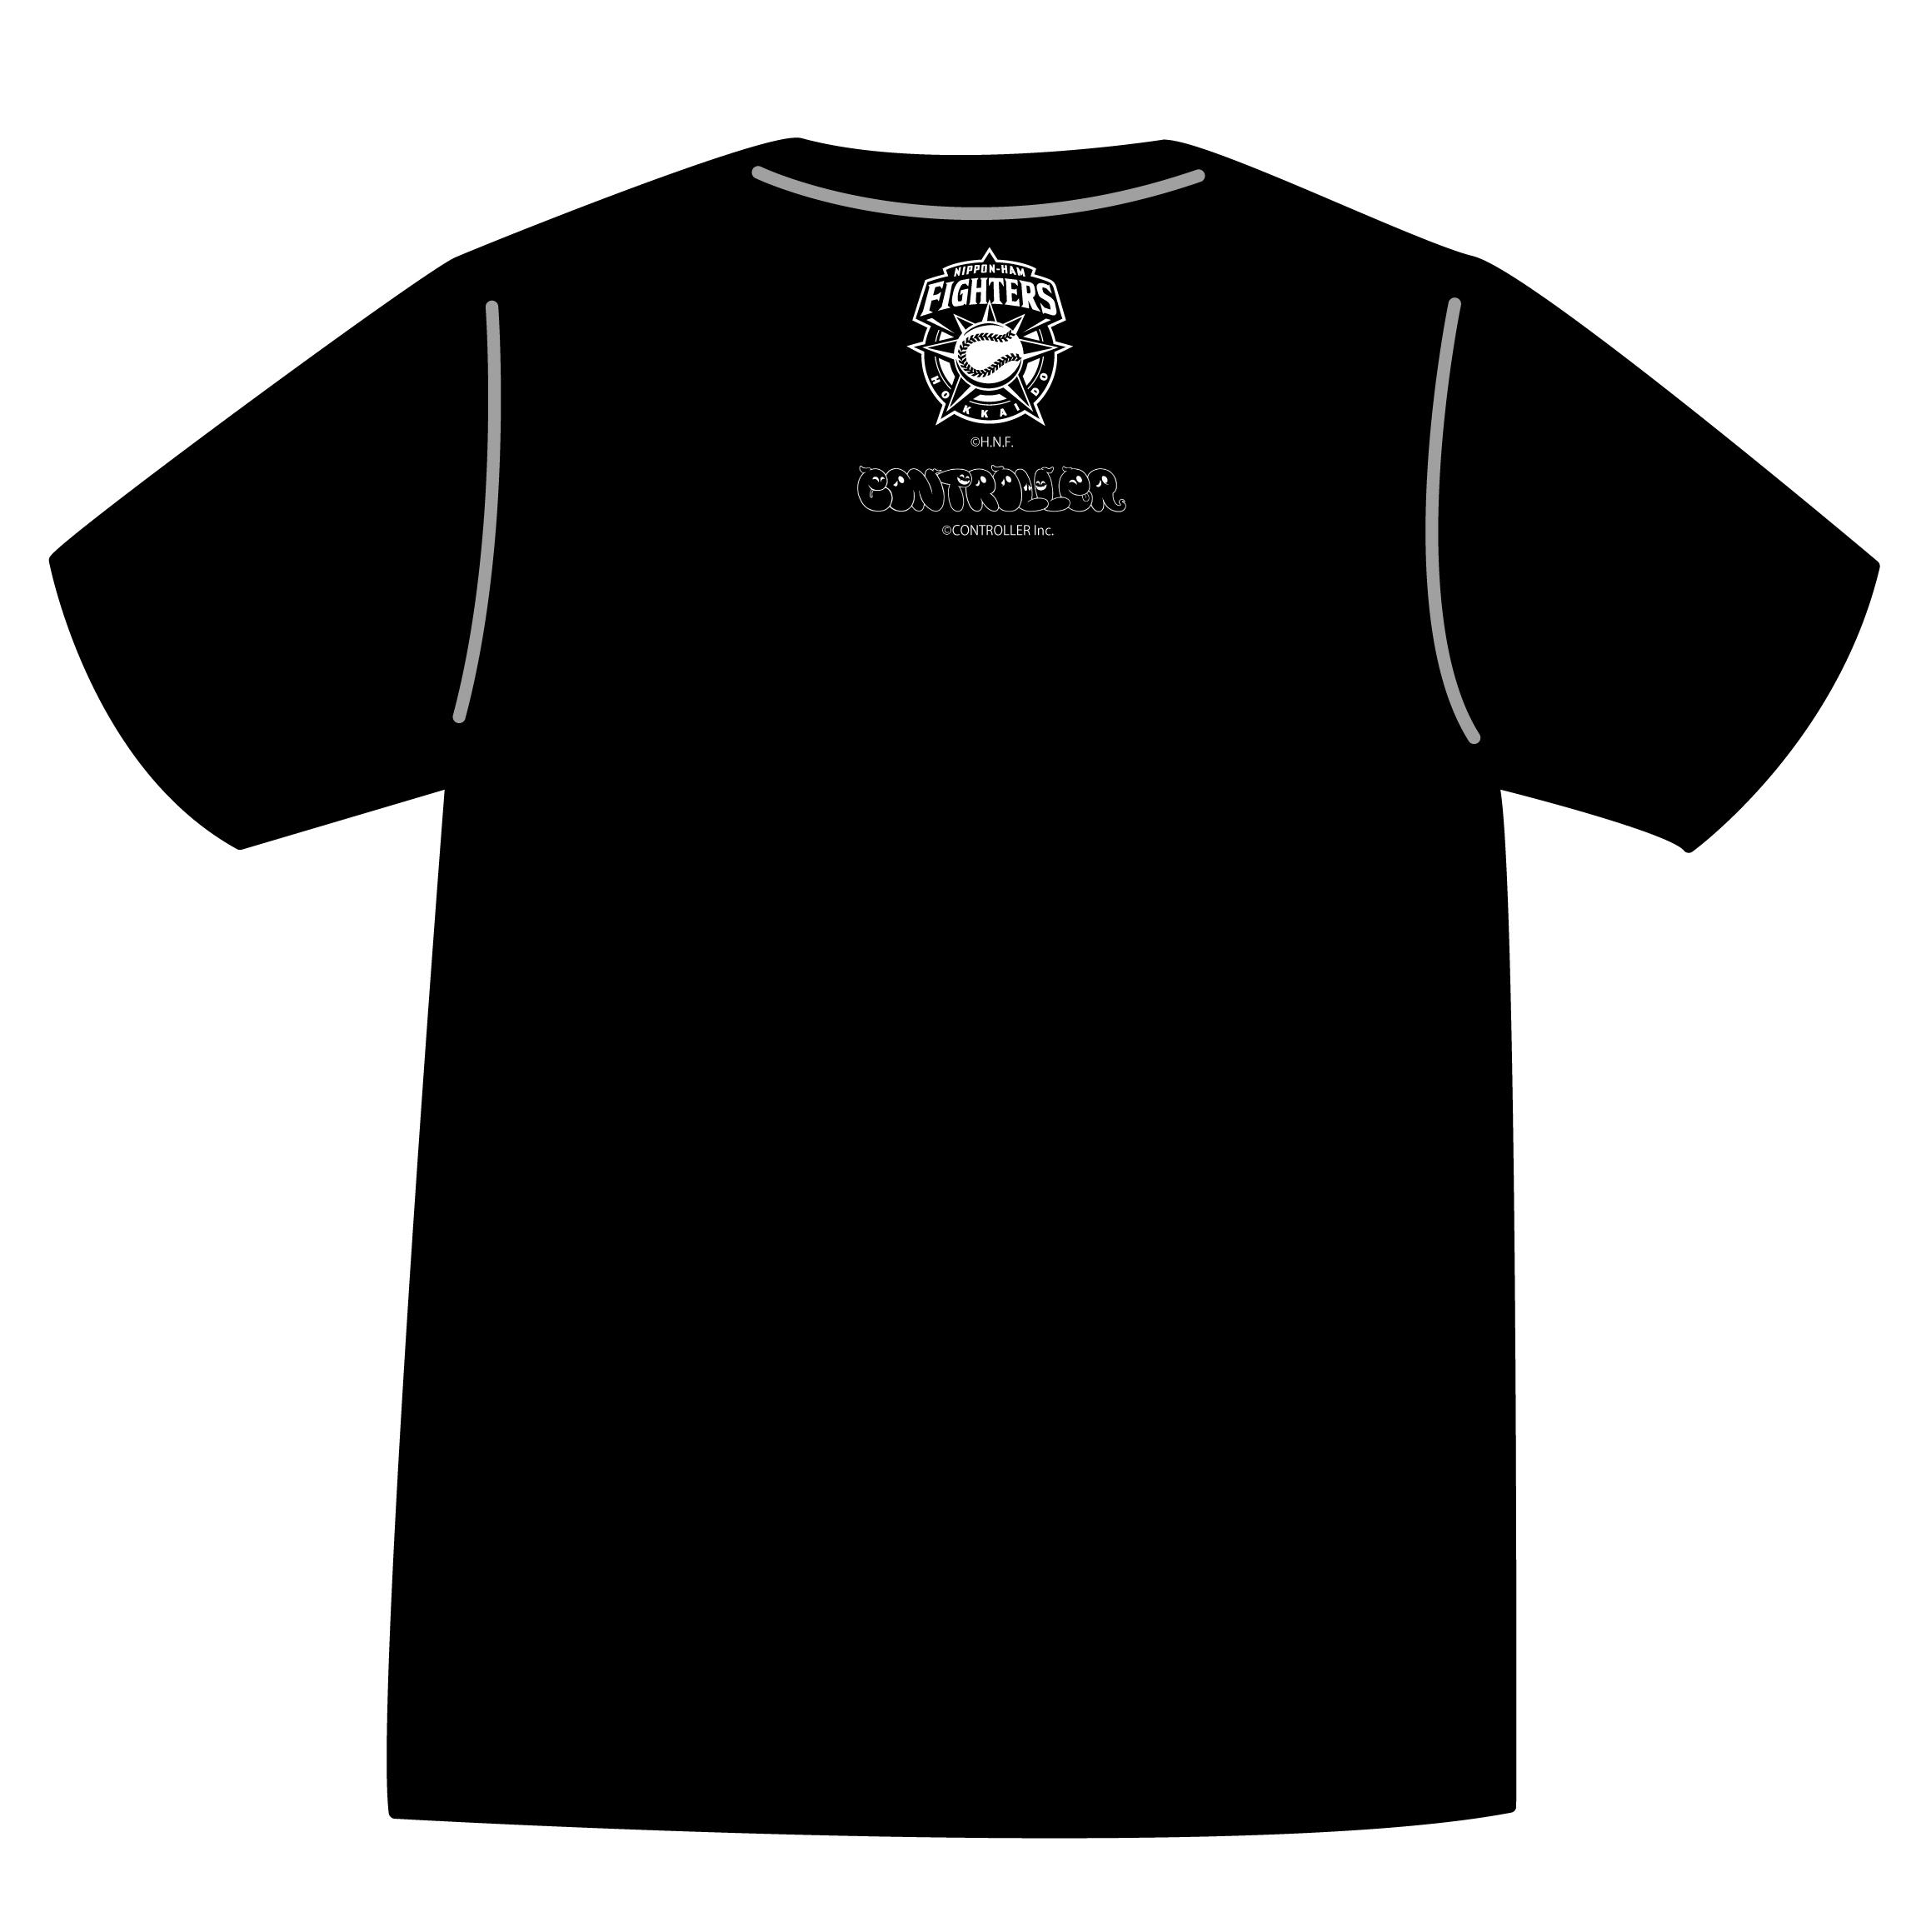 ドットファイターズ 「こんどう」 Tシャツ ブラック